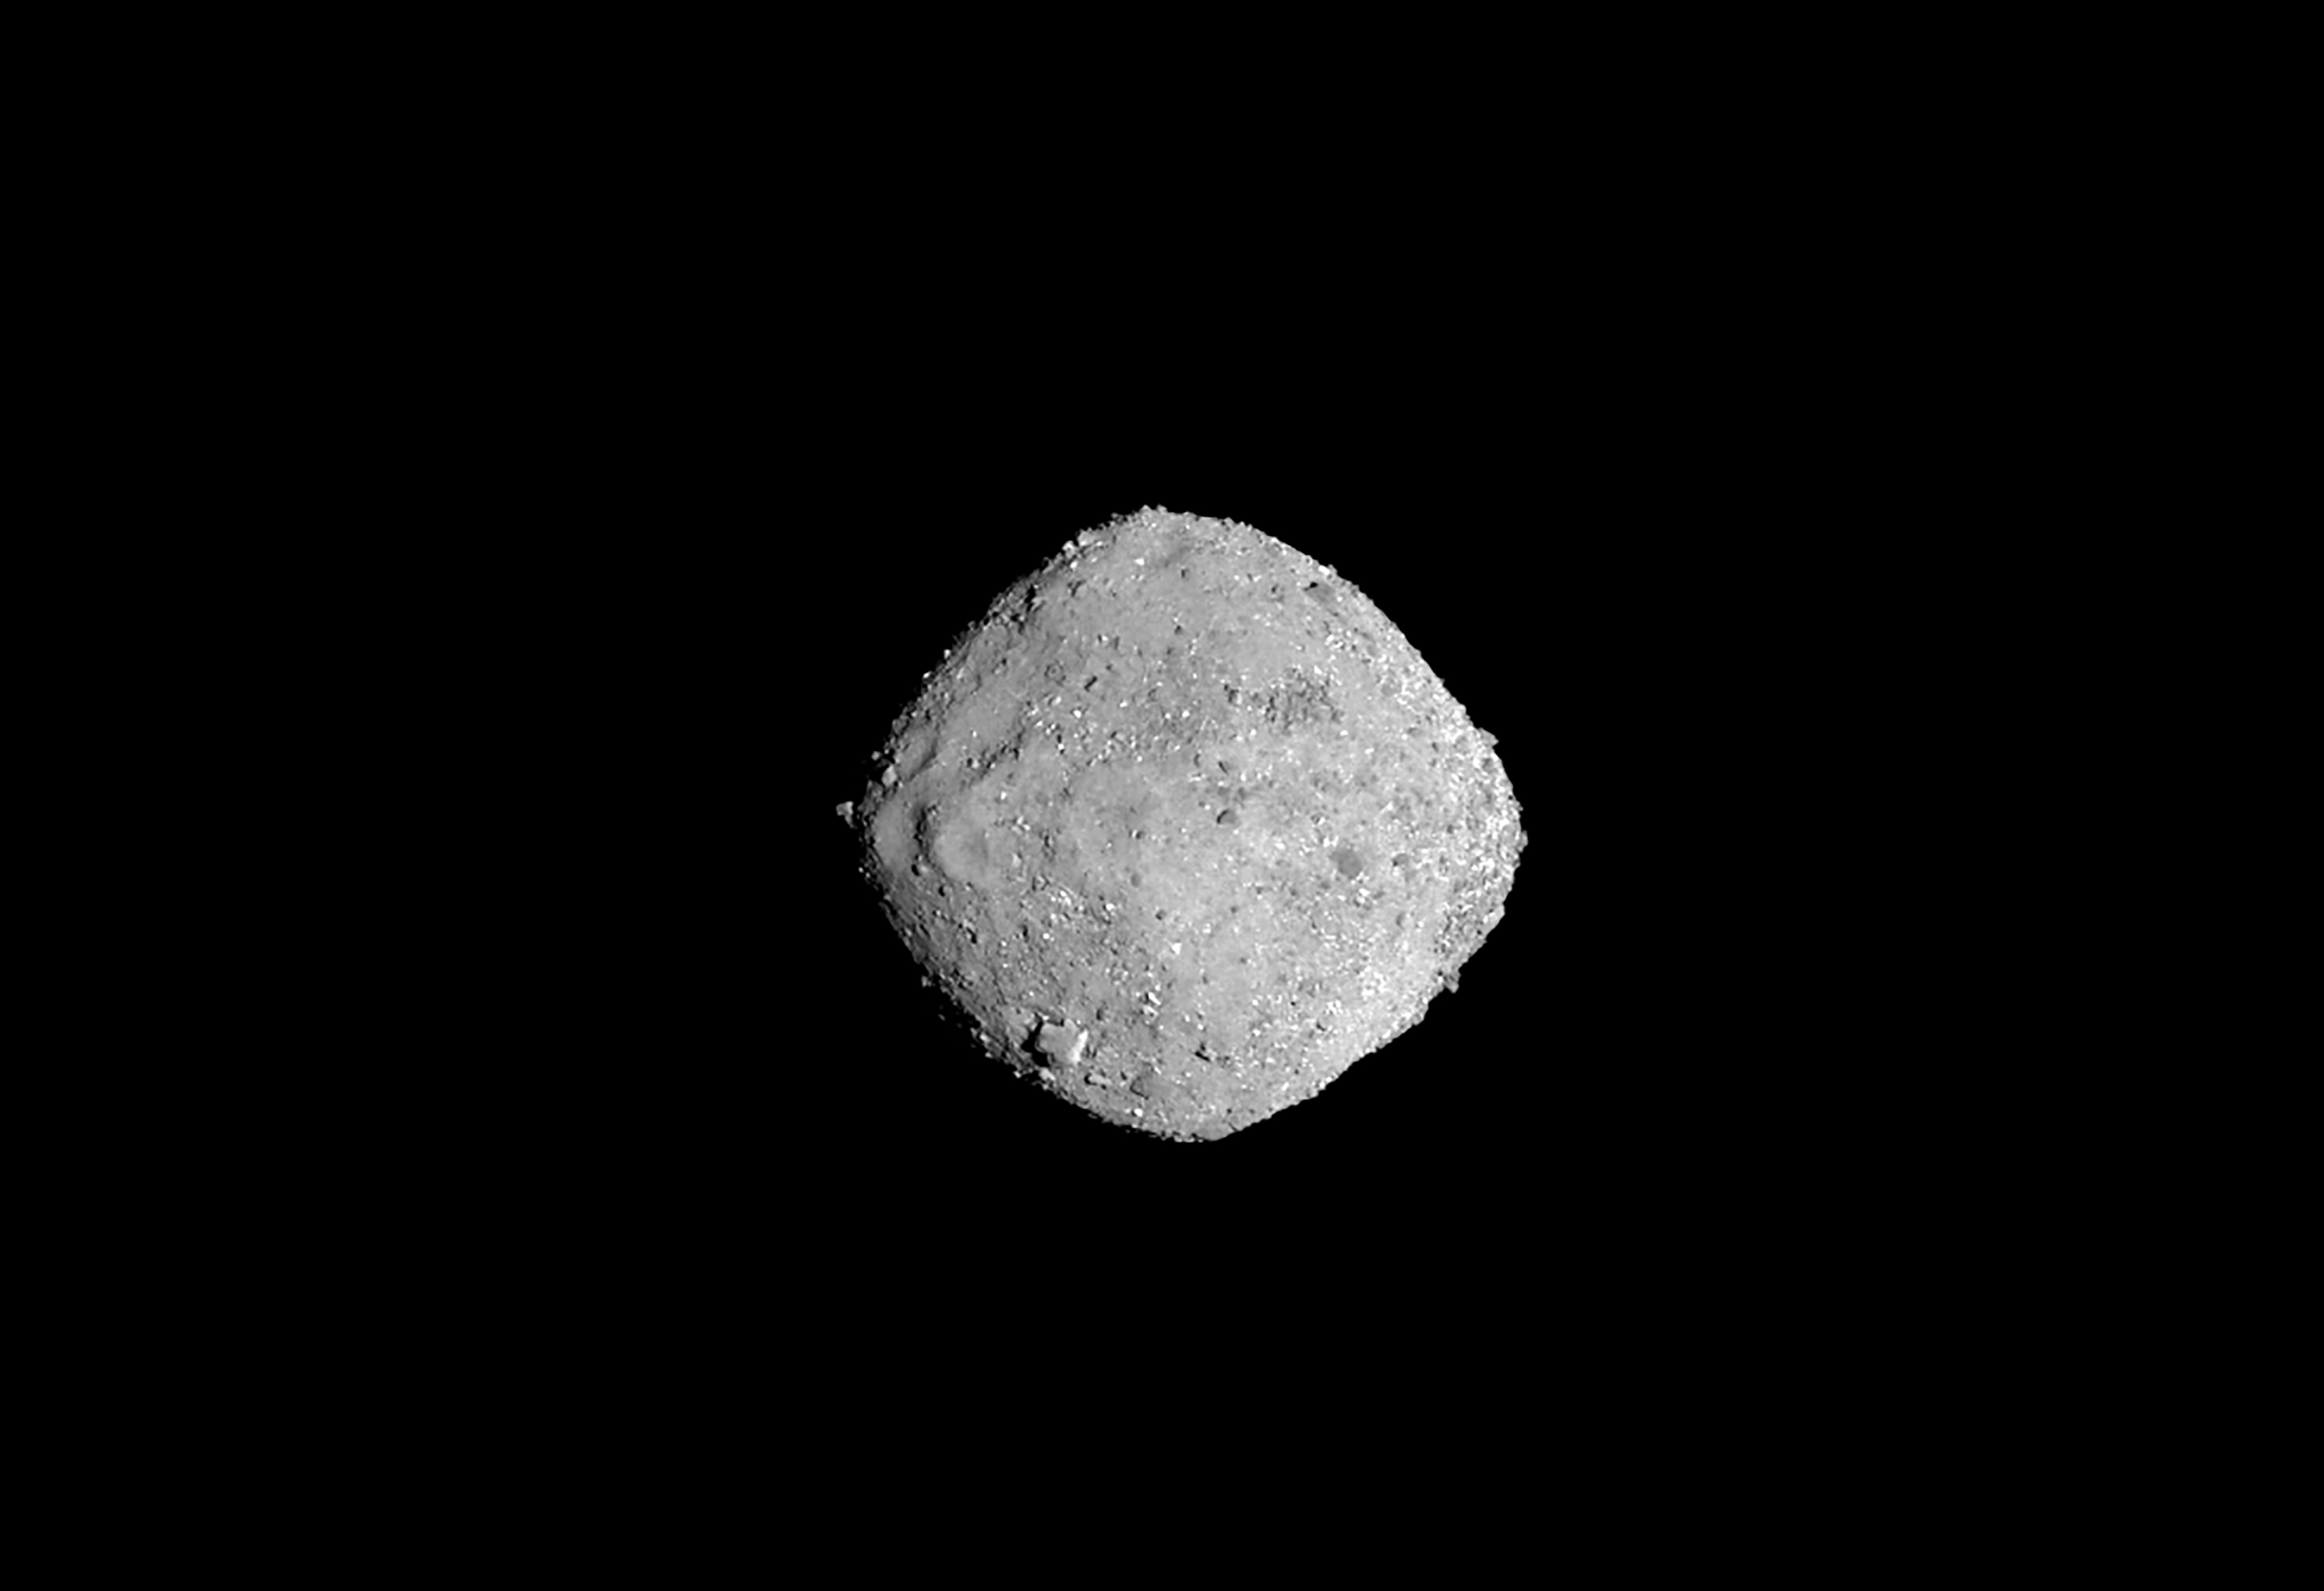 Megérkezett a Bennu kisbolygóhoz a NASA OSIRIS-REx űrszondája